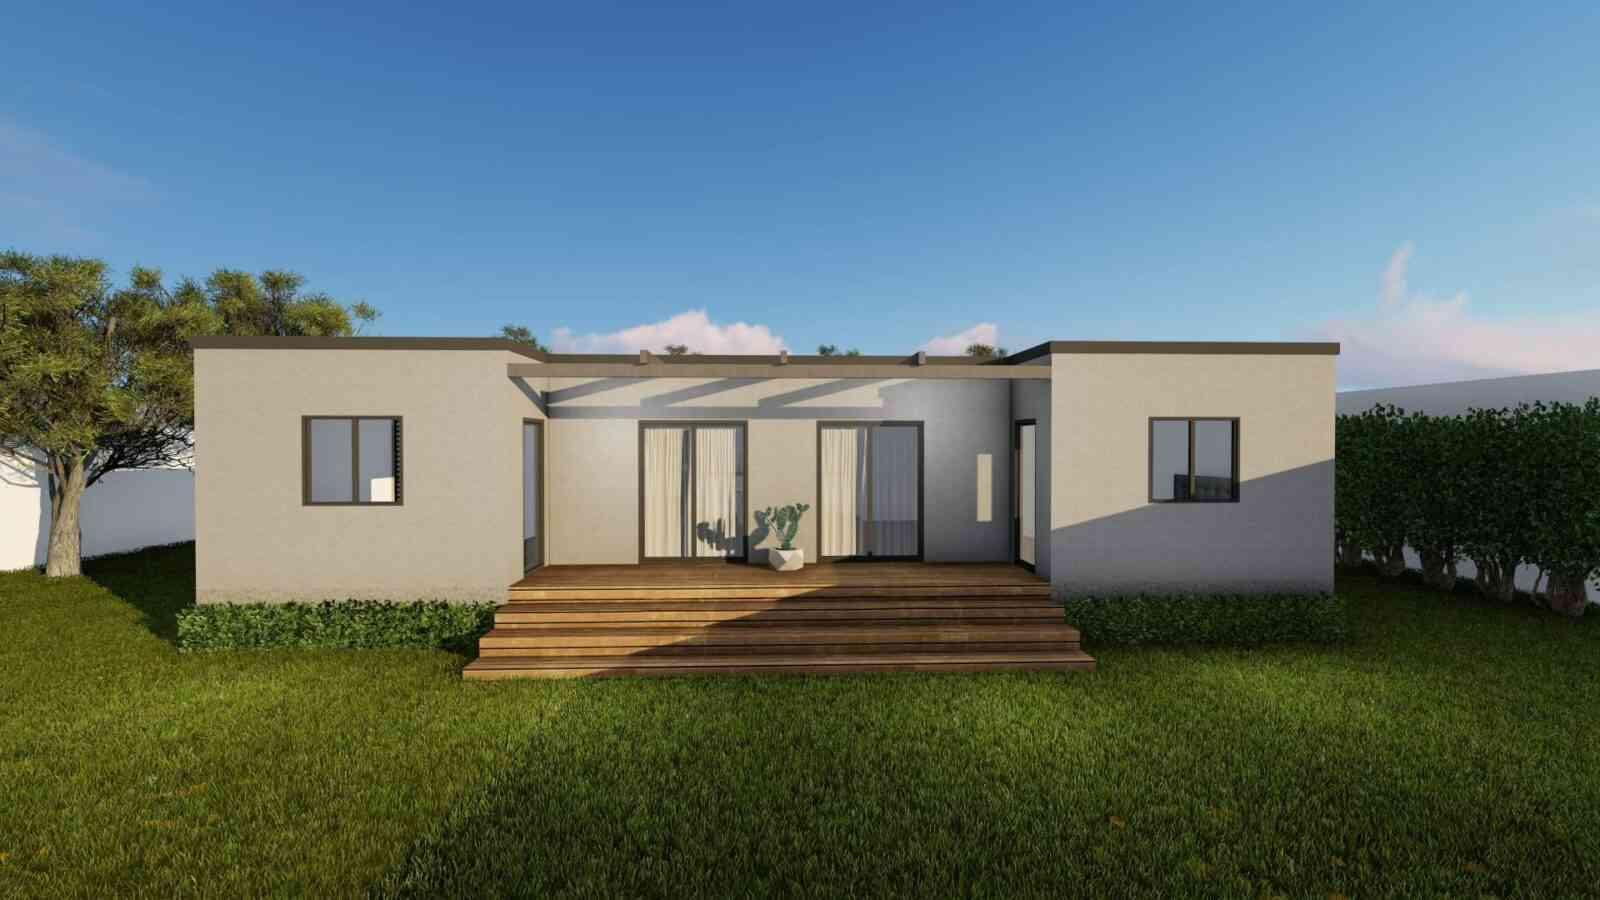 Casa de madeira modelo Modular 156m², em Portugal